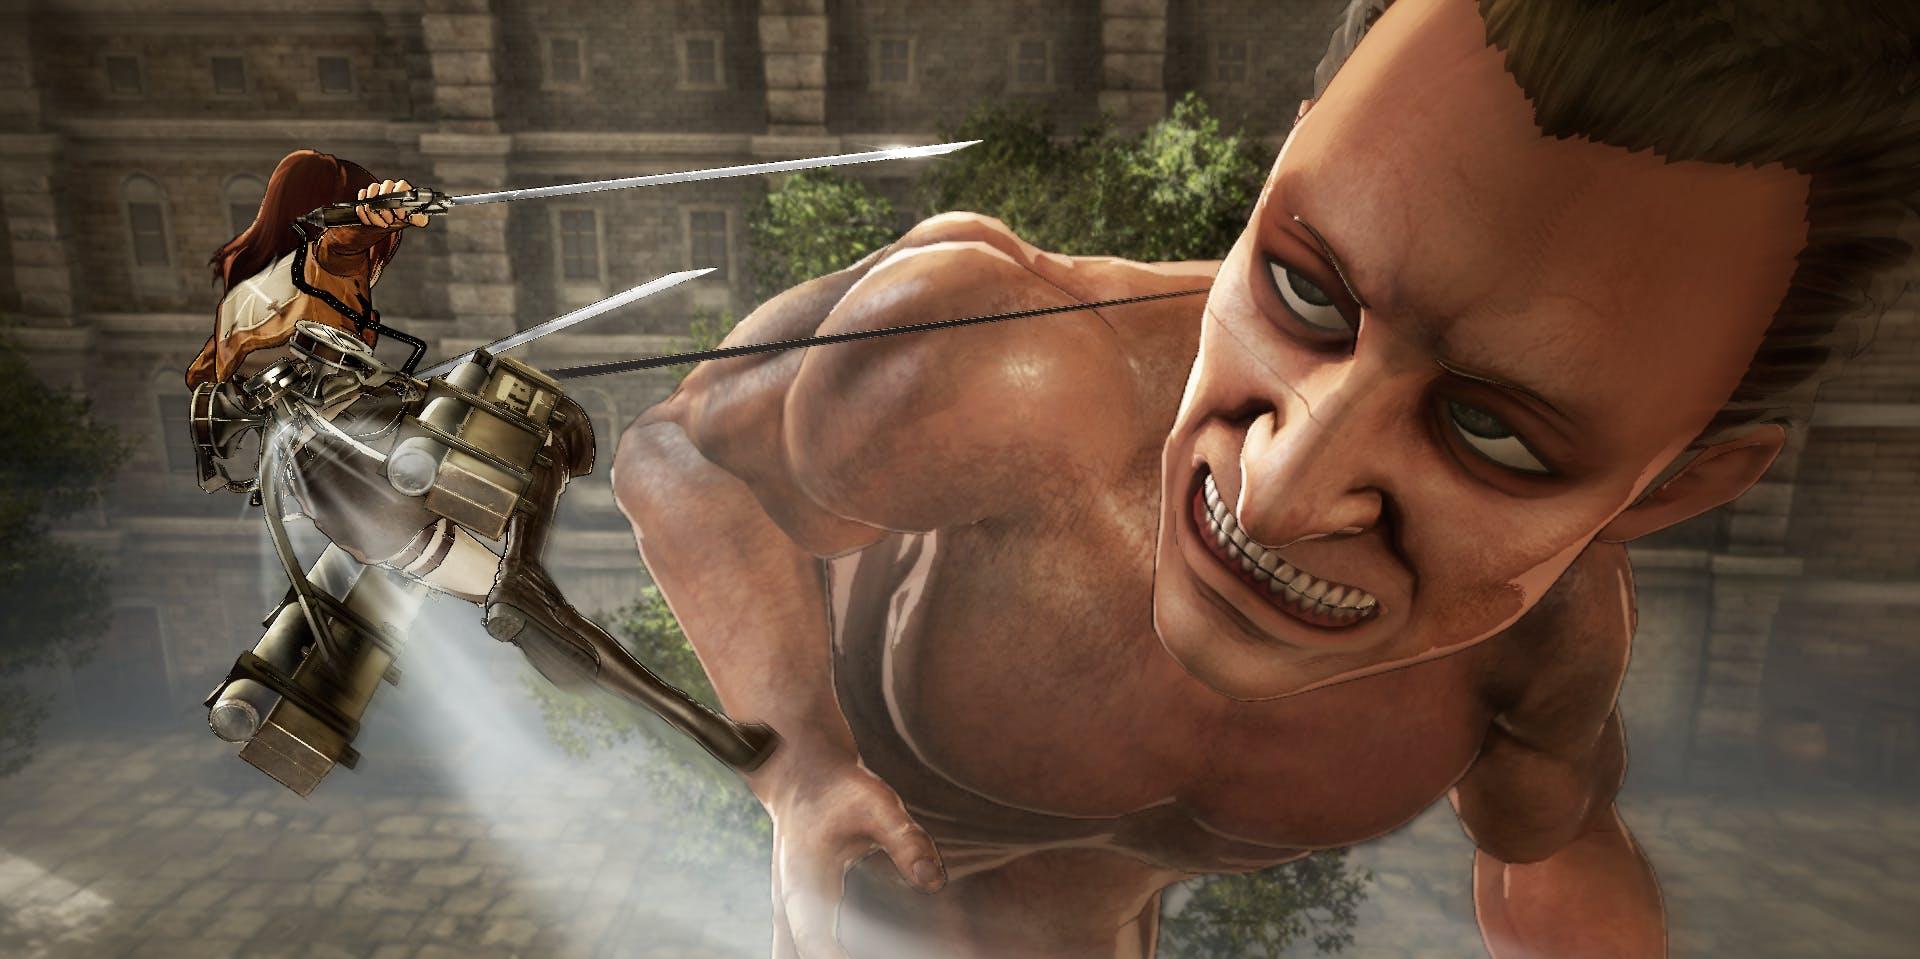 'Attack on Titan'